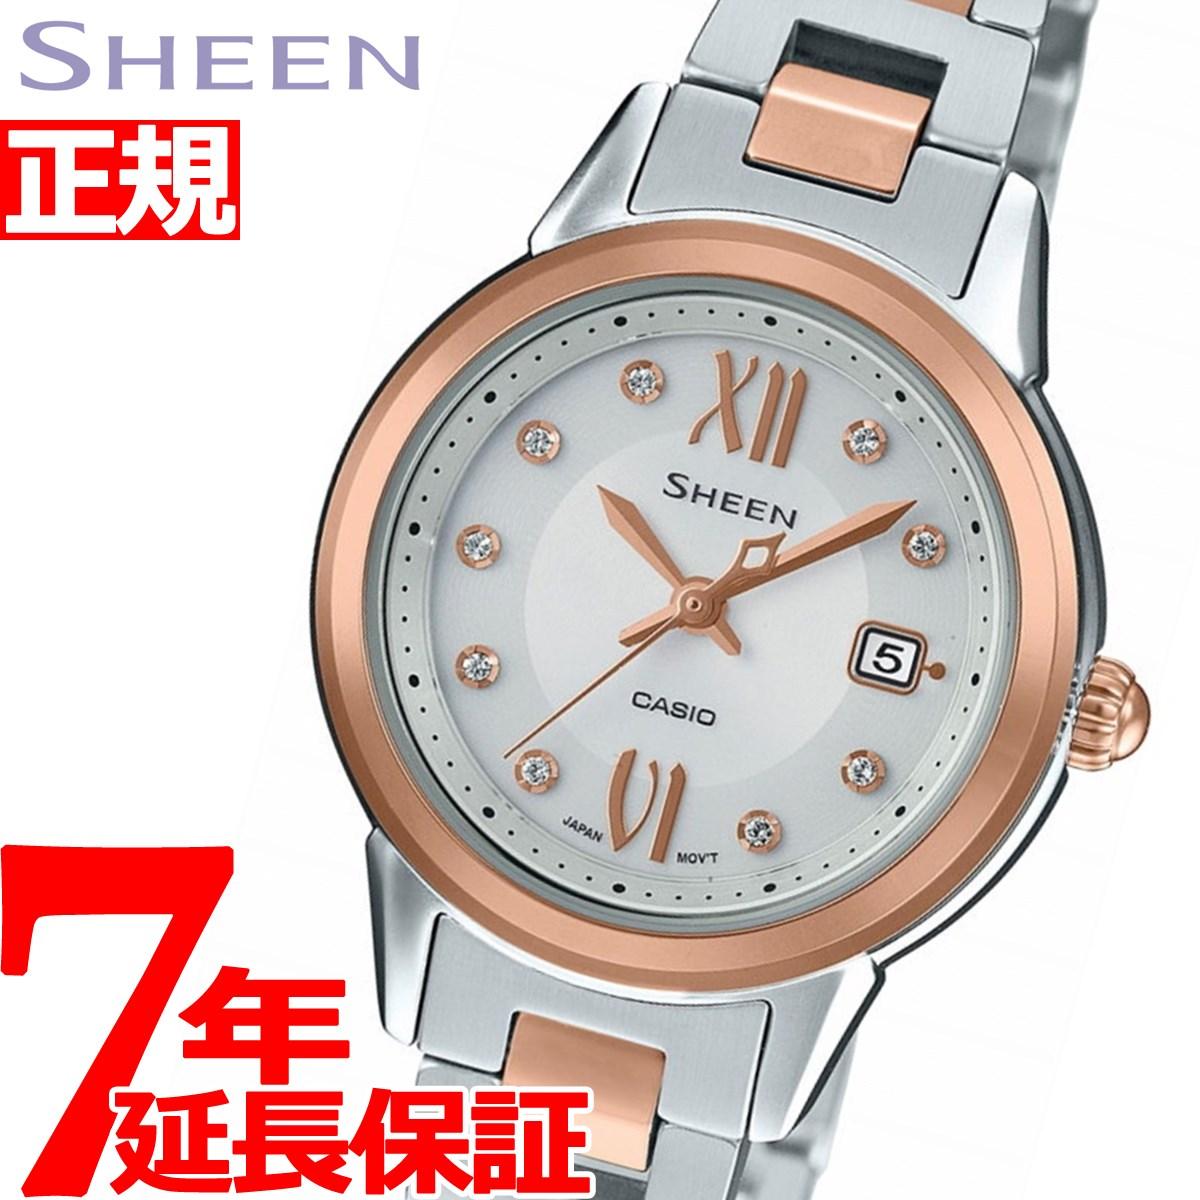 カシオ シーン CASIO SHEEN ソーラー 腕時計 レディース SHS-4500SG-7AJF